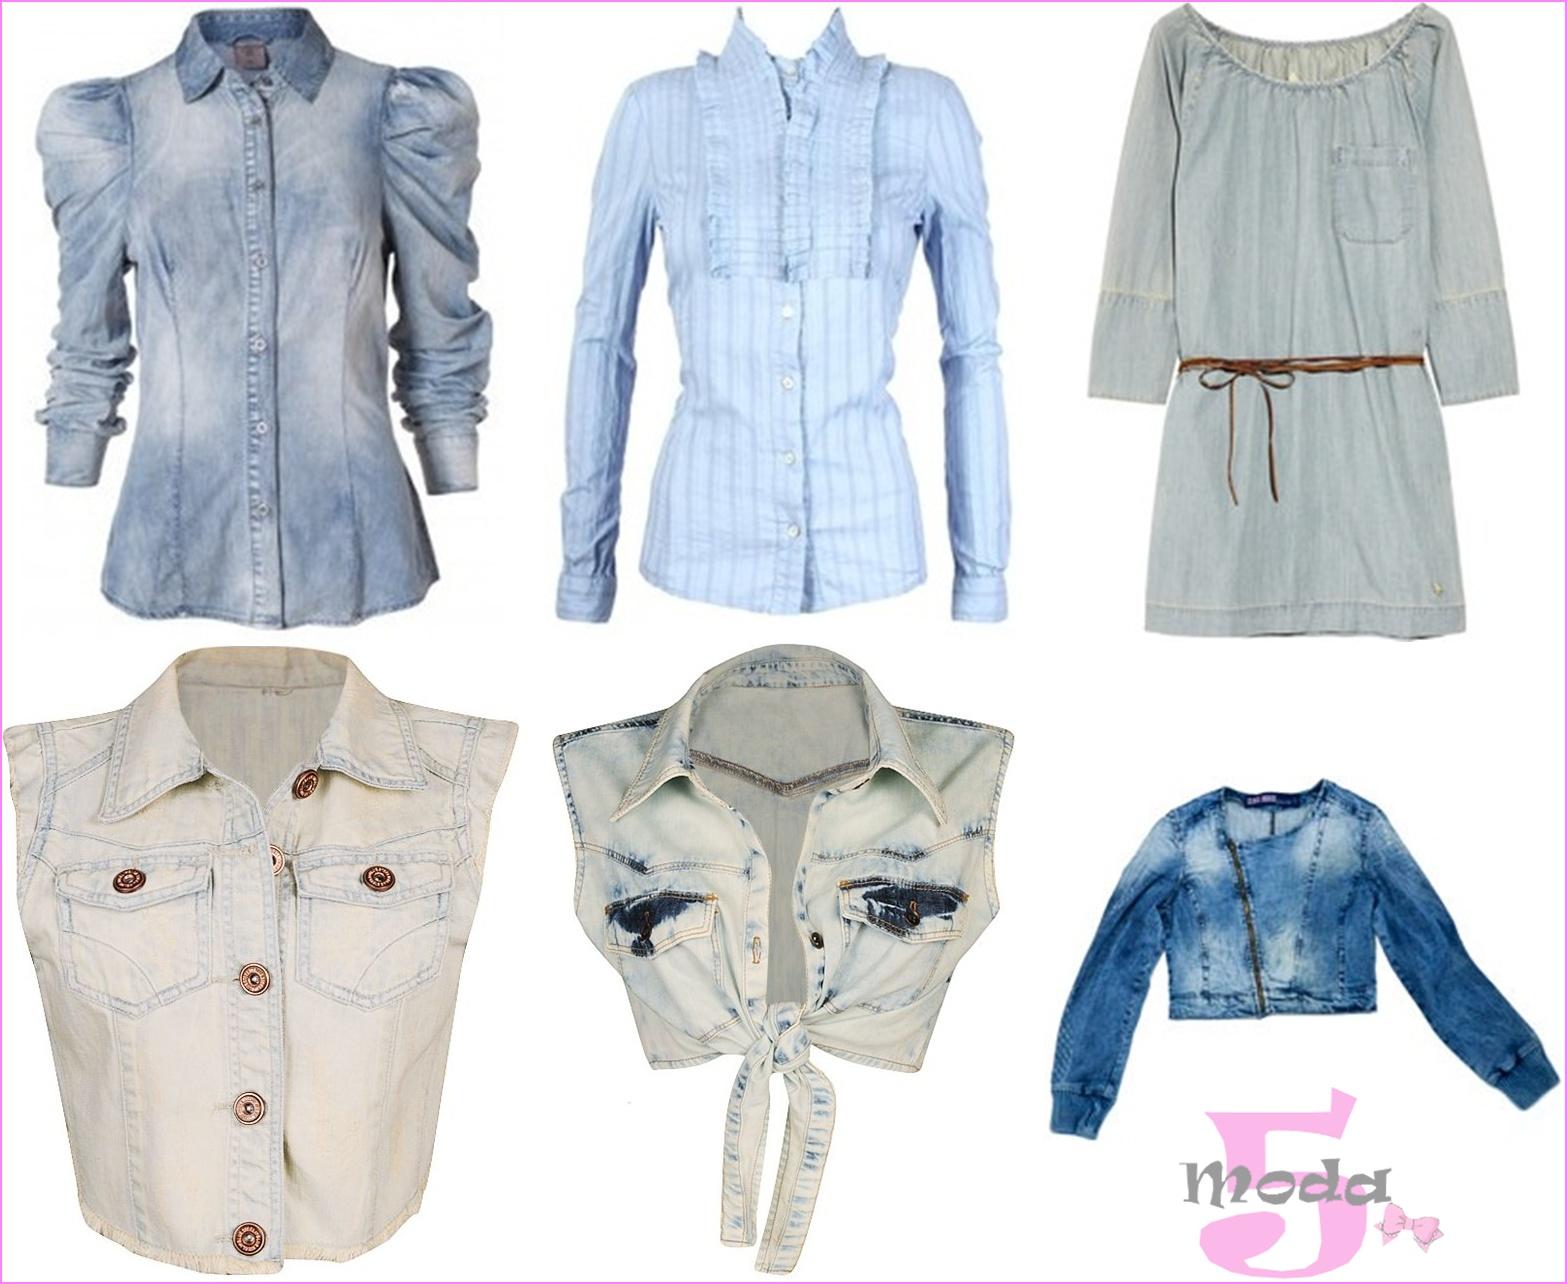 Blusas, camisas, batas e coletes jeans